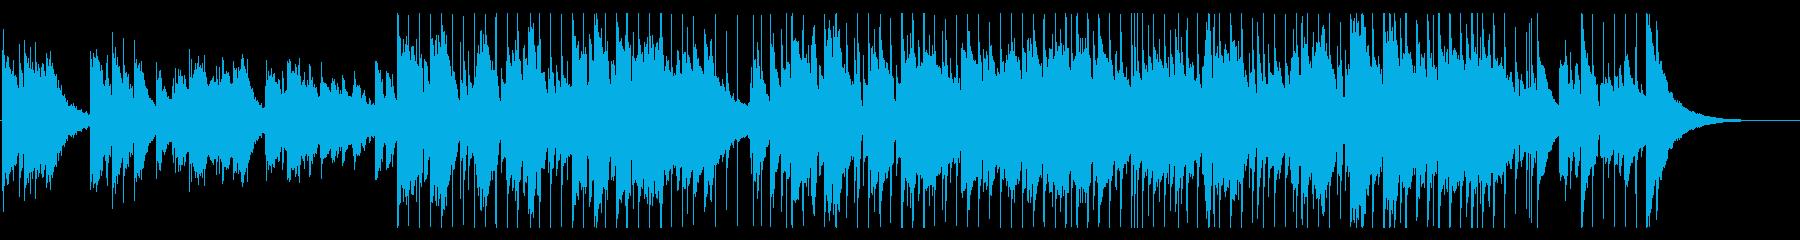 メロディアスで心地よいバラードの再生済みの波形